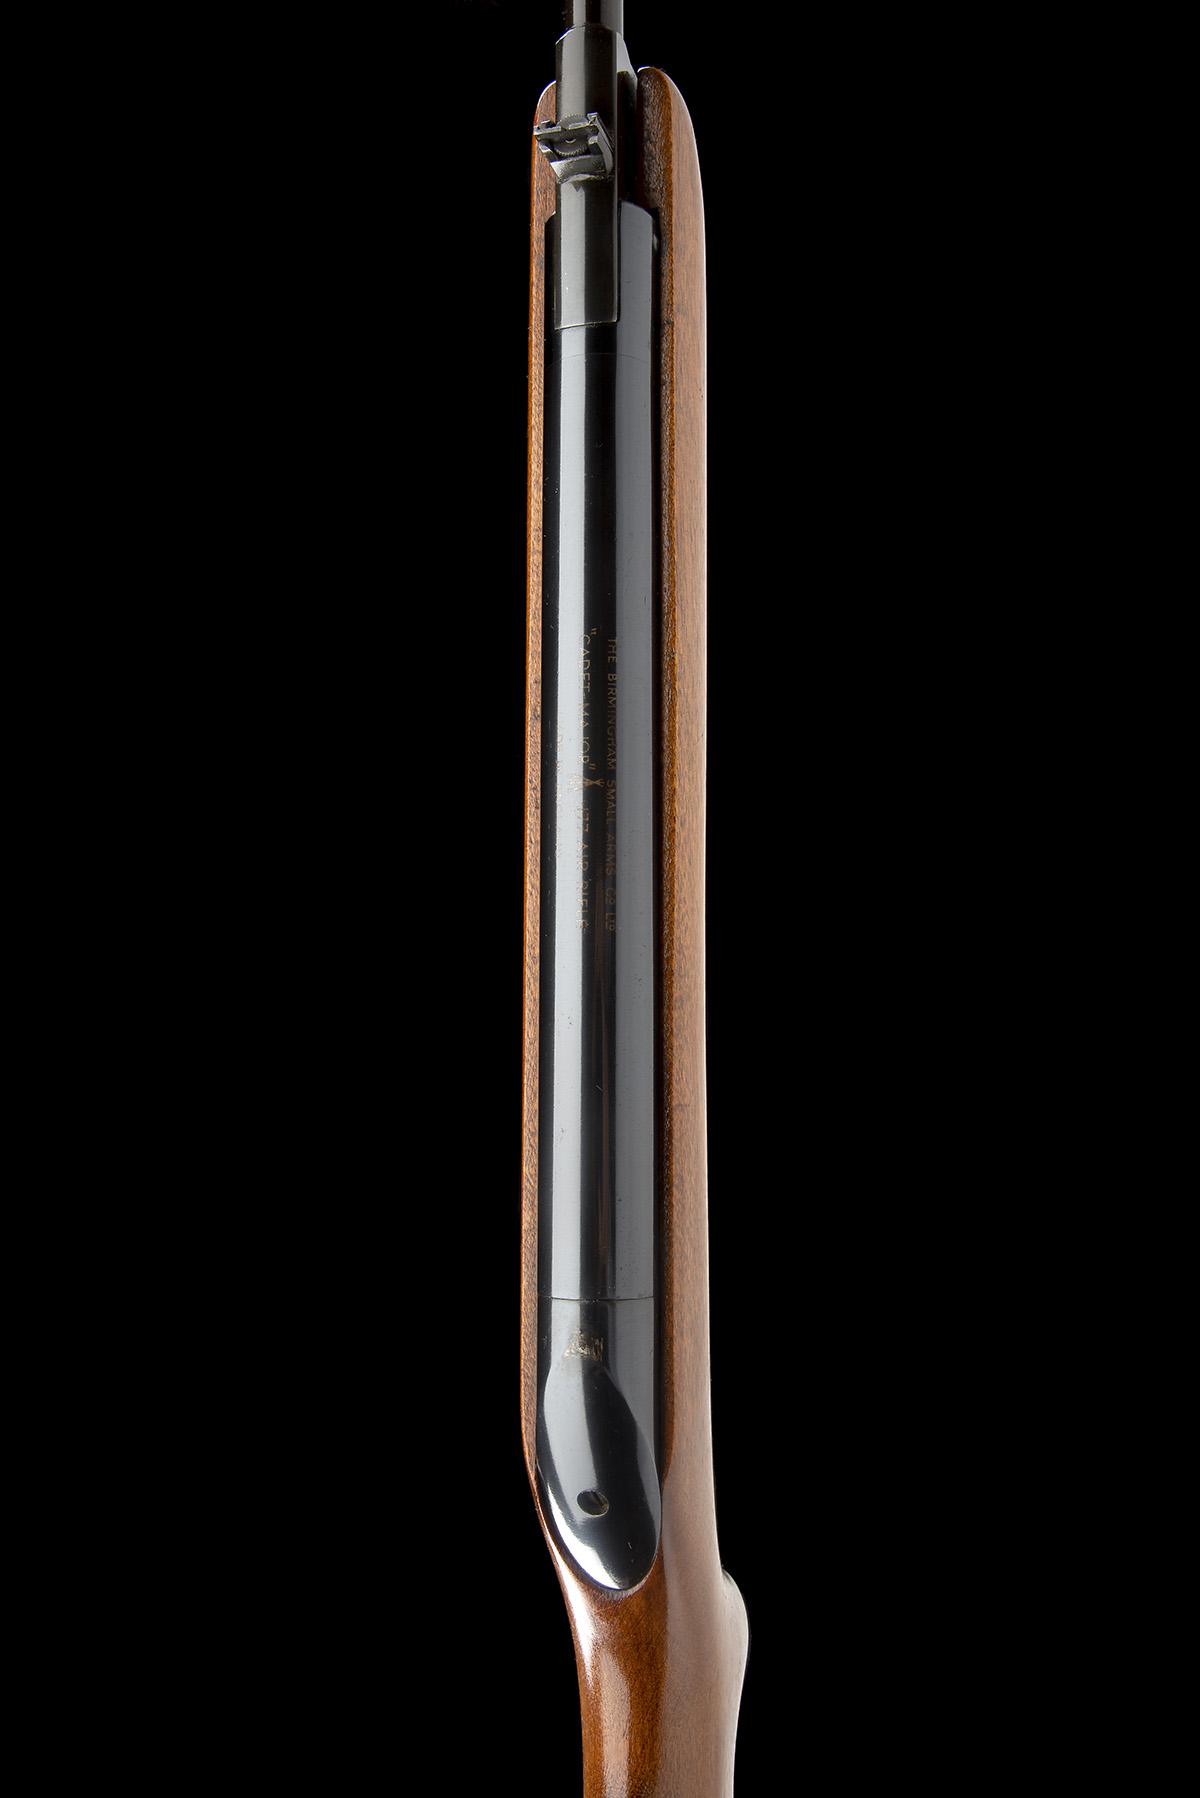 BSA, BIRMINGHAM A GOOD .177 BREAK-BARREL AIR-RIFLE, MODEL 'CADET MAJOR', serial no. CA69799, for - Image 4 of 8